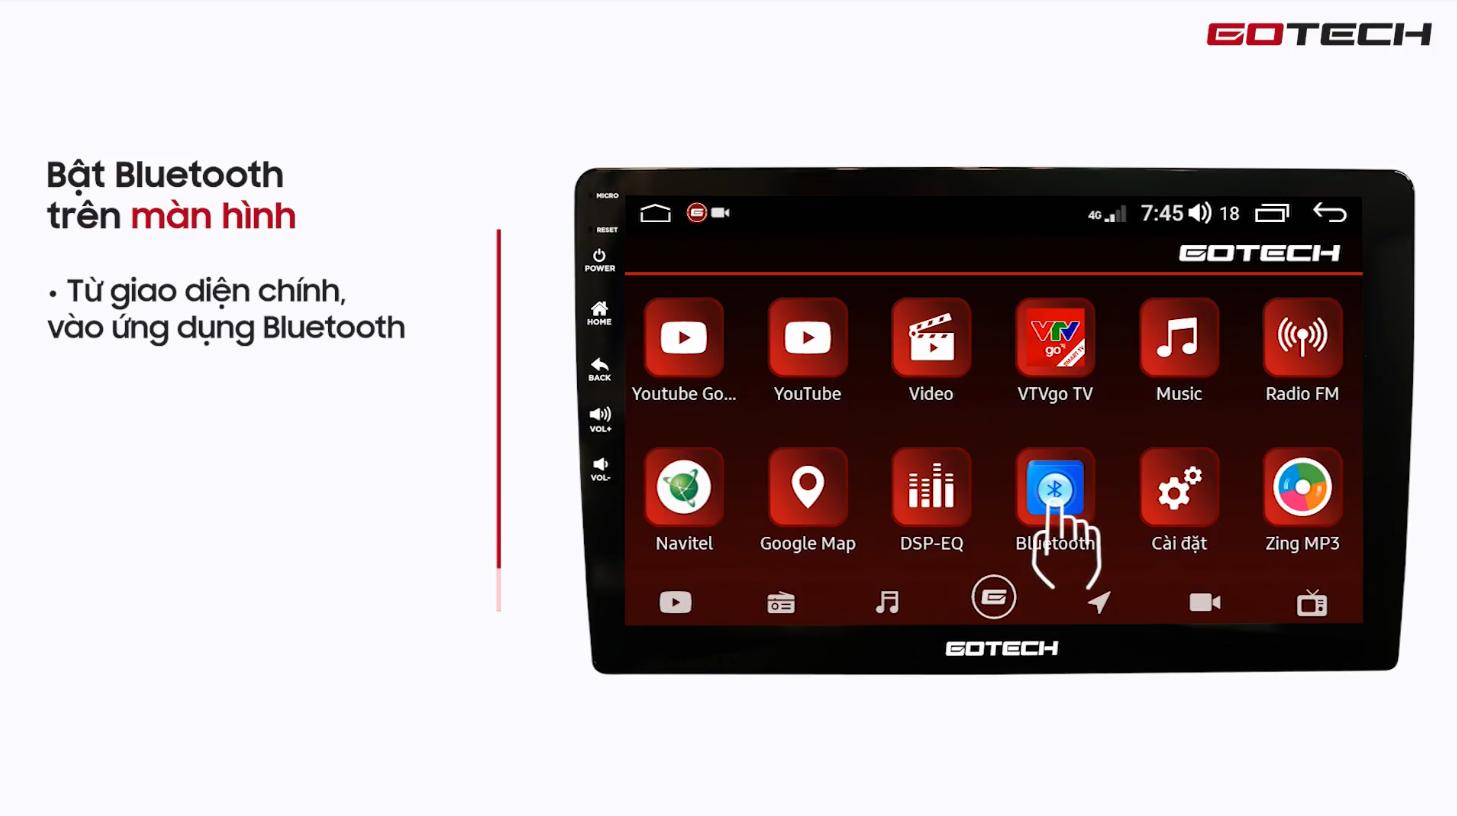 Hướng dẫn kết nối Bluetooth với điện thoại trên màn hình Gotech